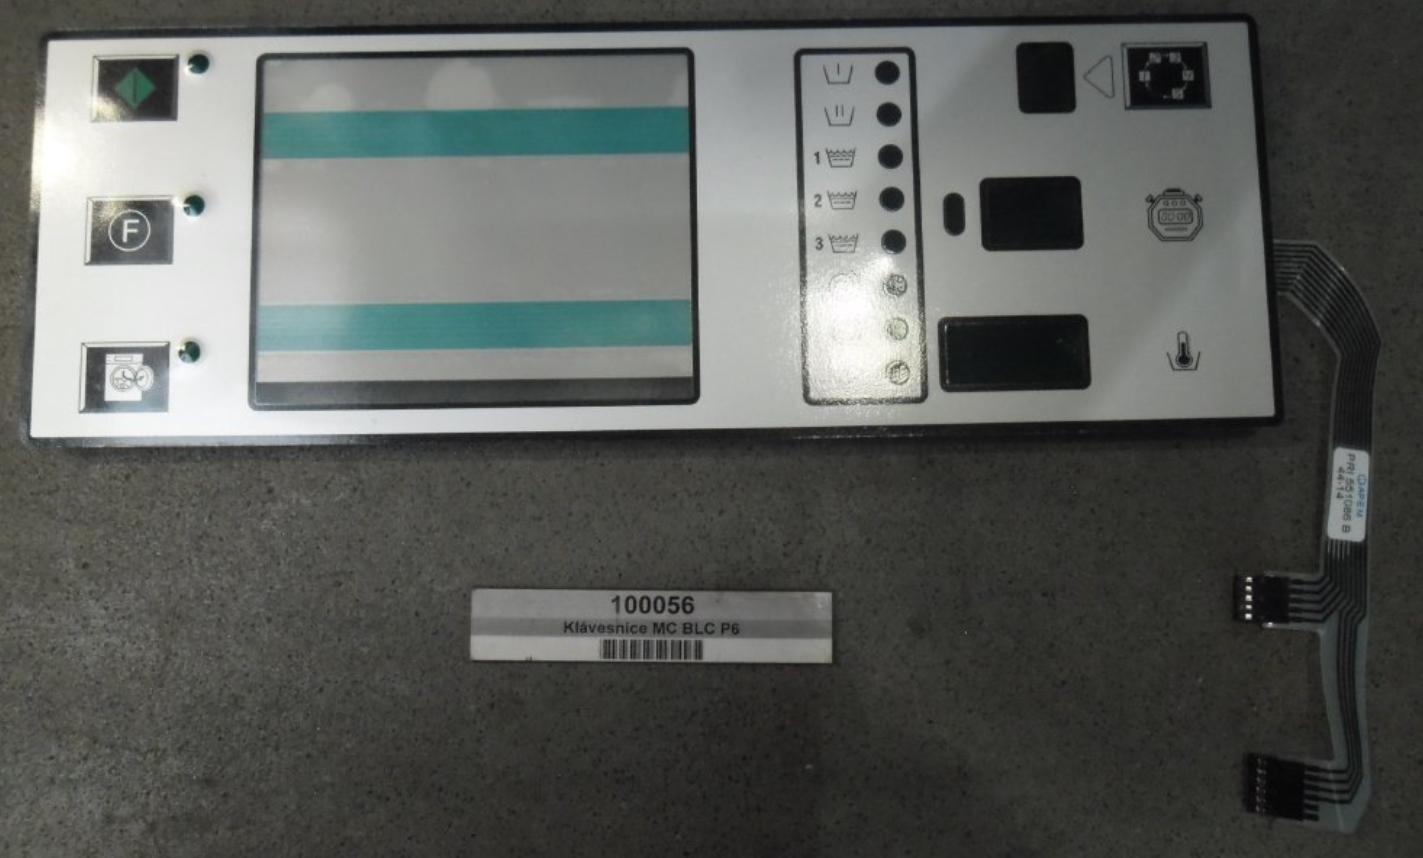 100056 Primus Lavamac Keyboard Mcb P6 Primus